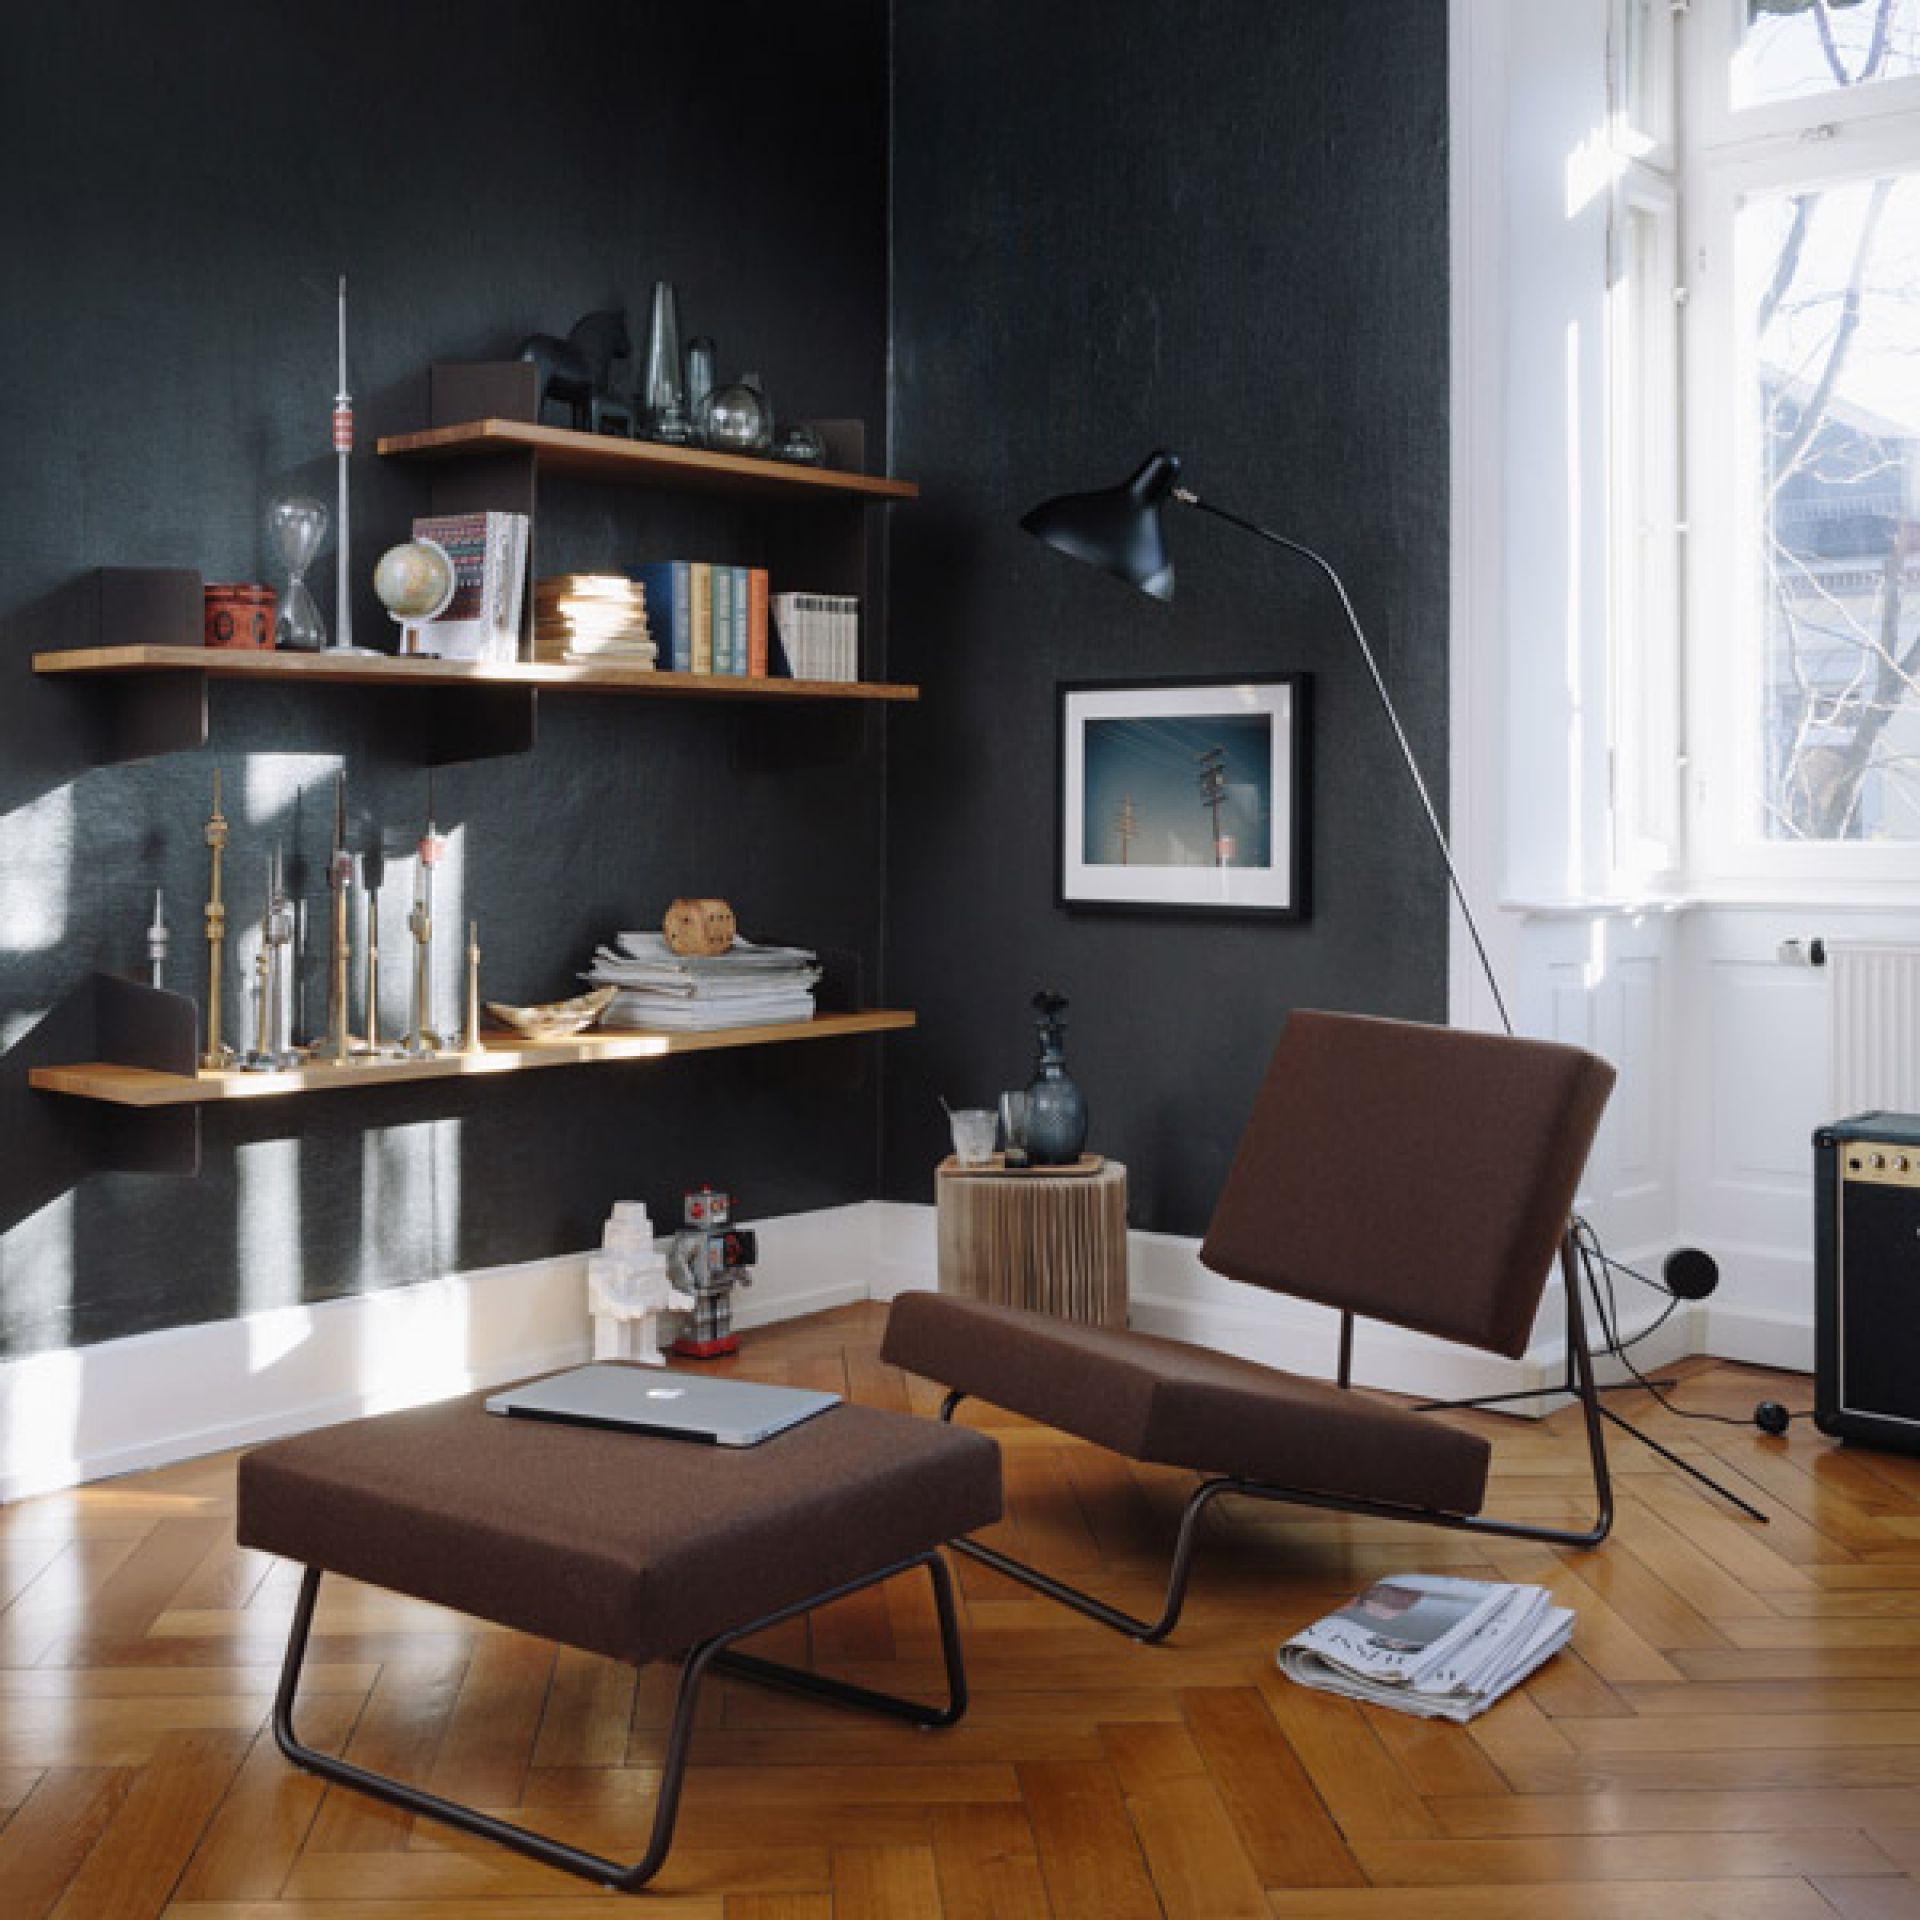 Atelier wall shelf melamine Richard Lampert